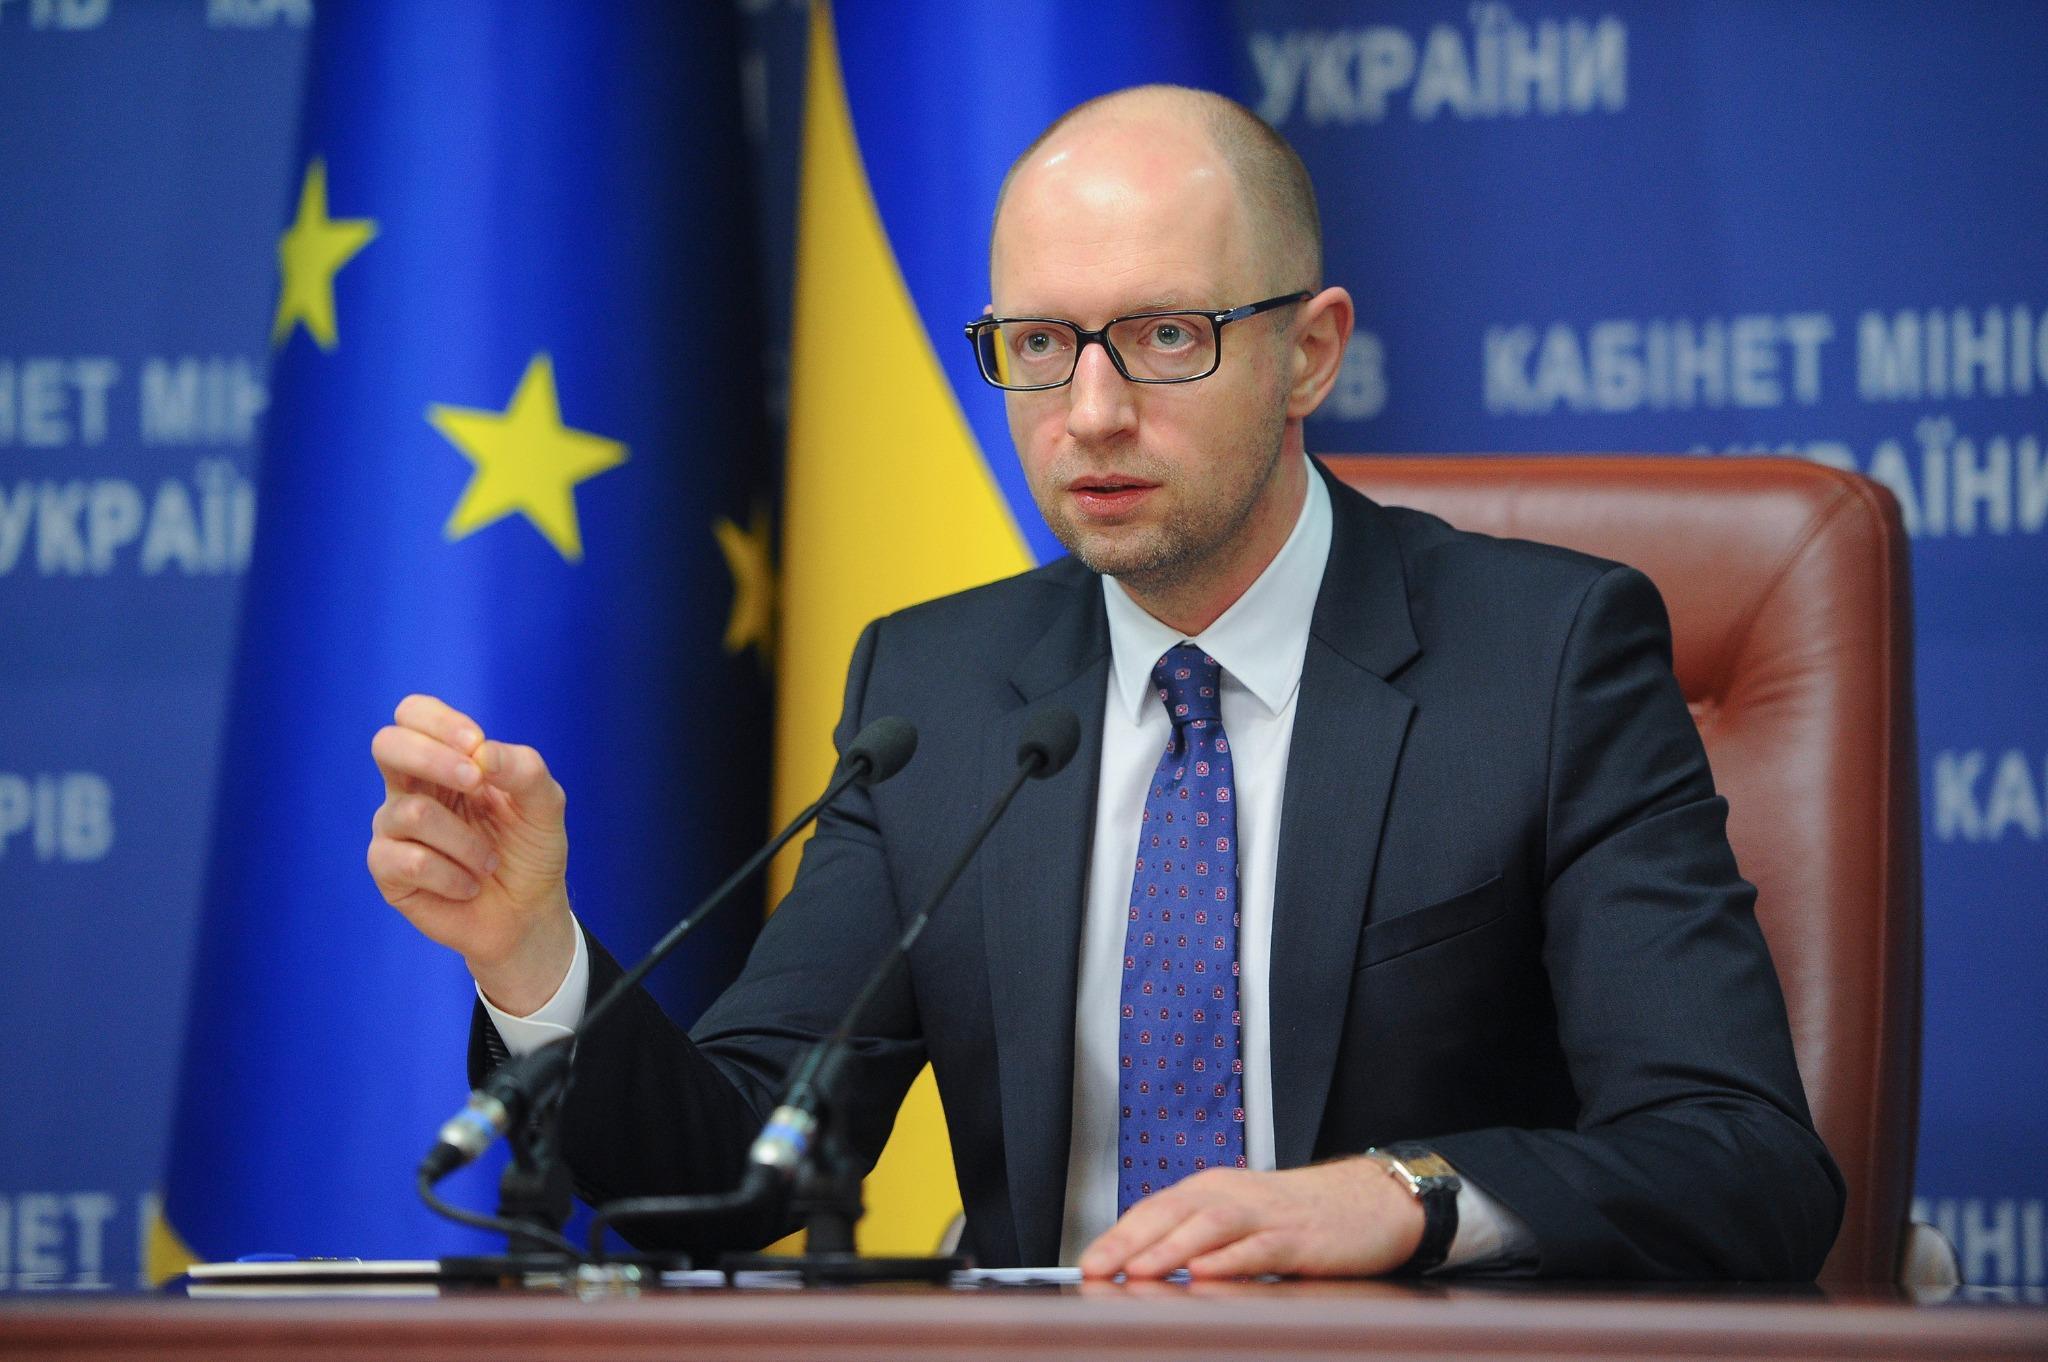 """Яценюк не на шутку переполошил западные СМИ из-за """"аварии на АЭС"""" - Цензор.НЕТ 7804"""